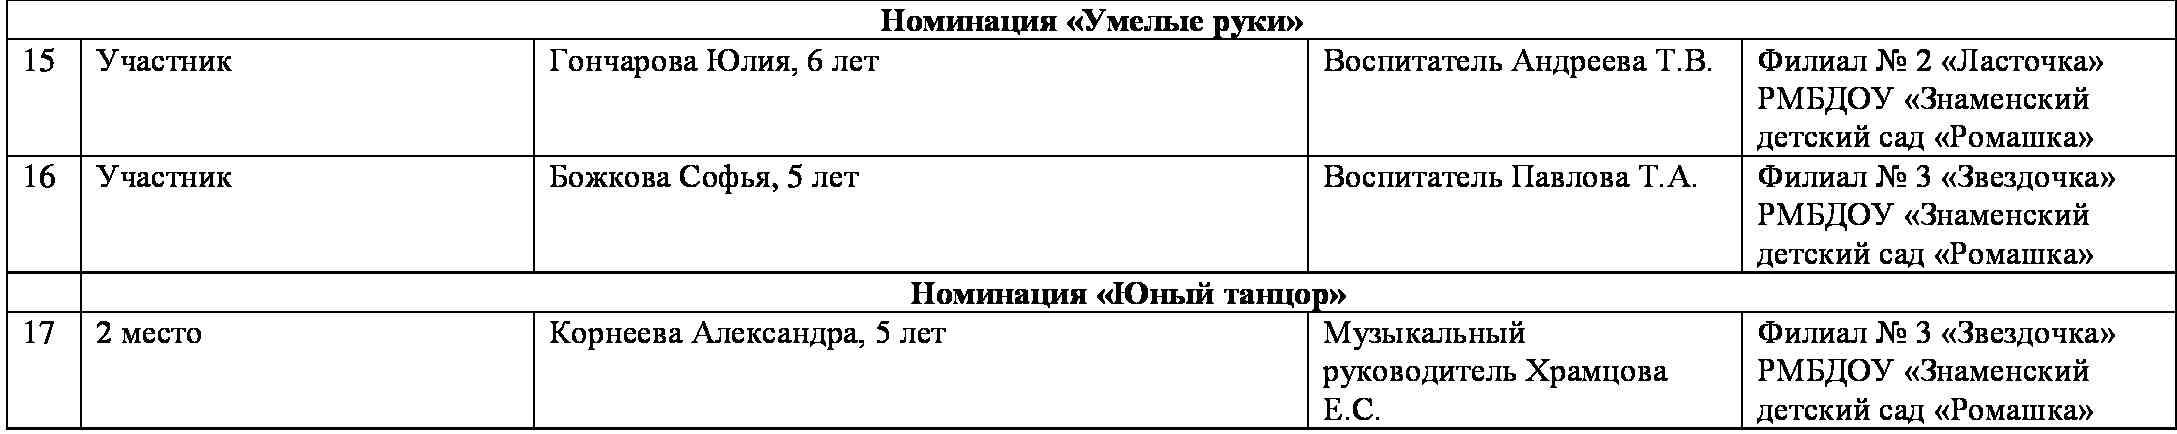 440e1b75ff7b6e3882a841d7a38f7294-1